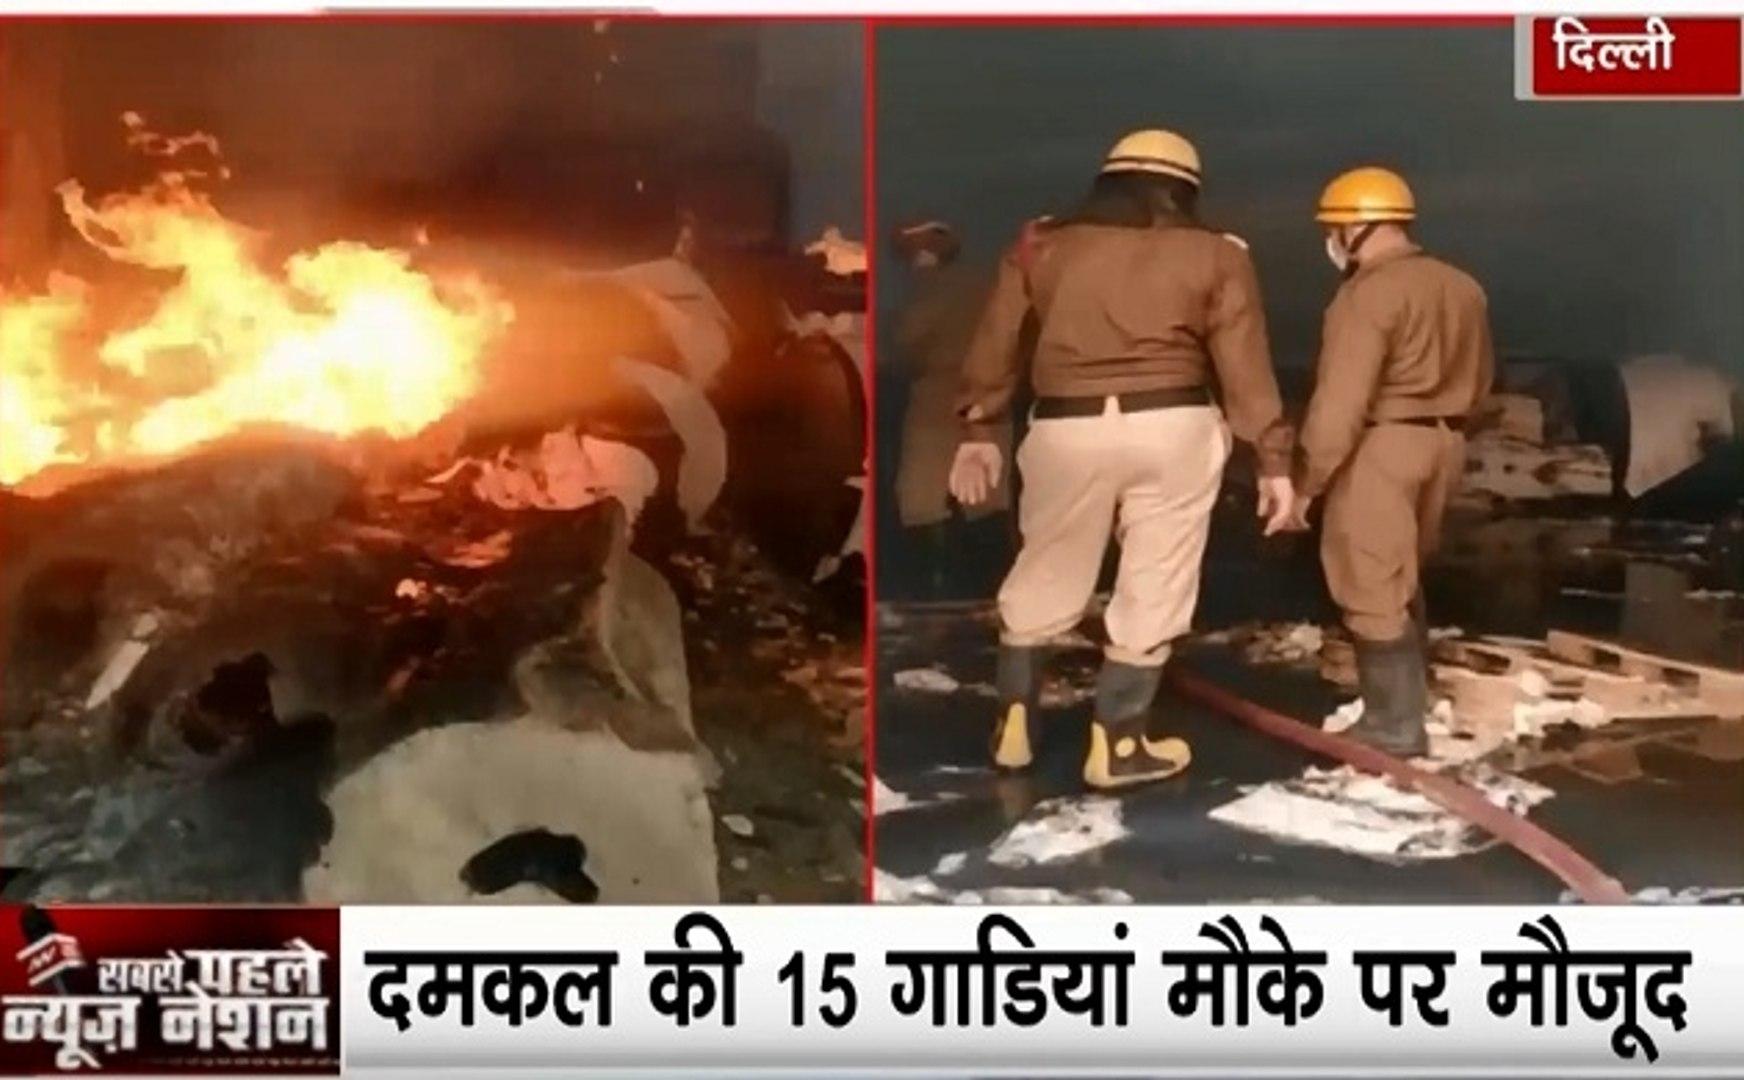 Delhi : दिल्ली के बकोल इलाके में भीषण आग, पेपर गोदाम में लगी आग, देखें वीडियो